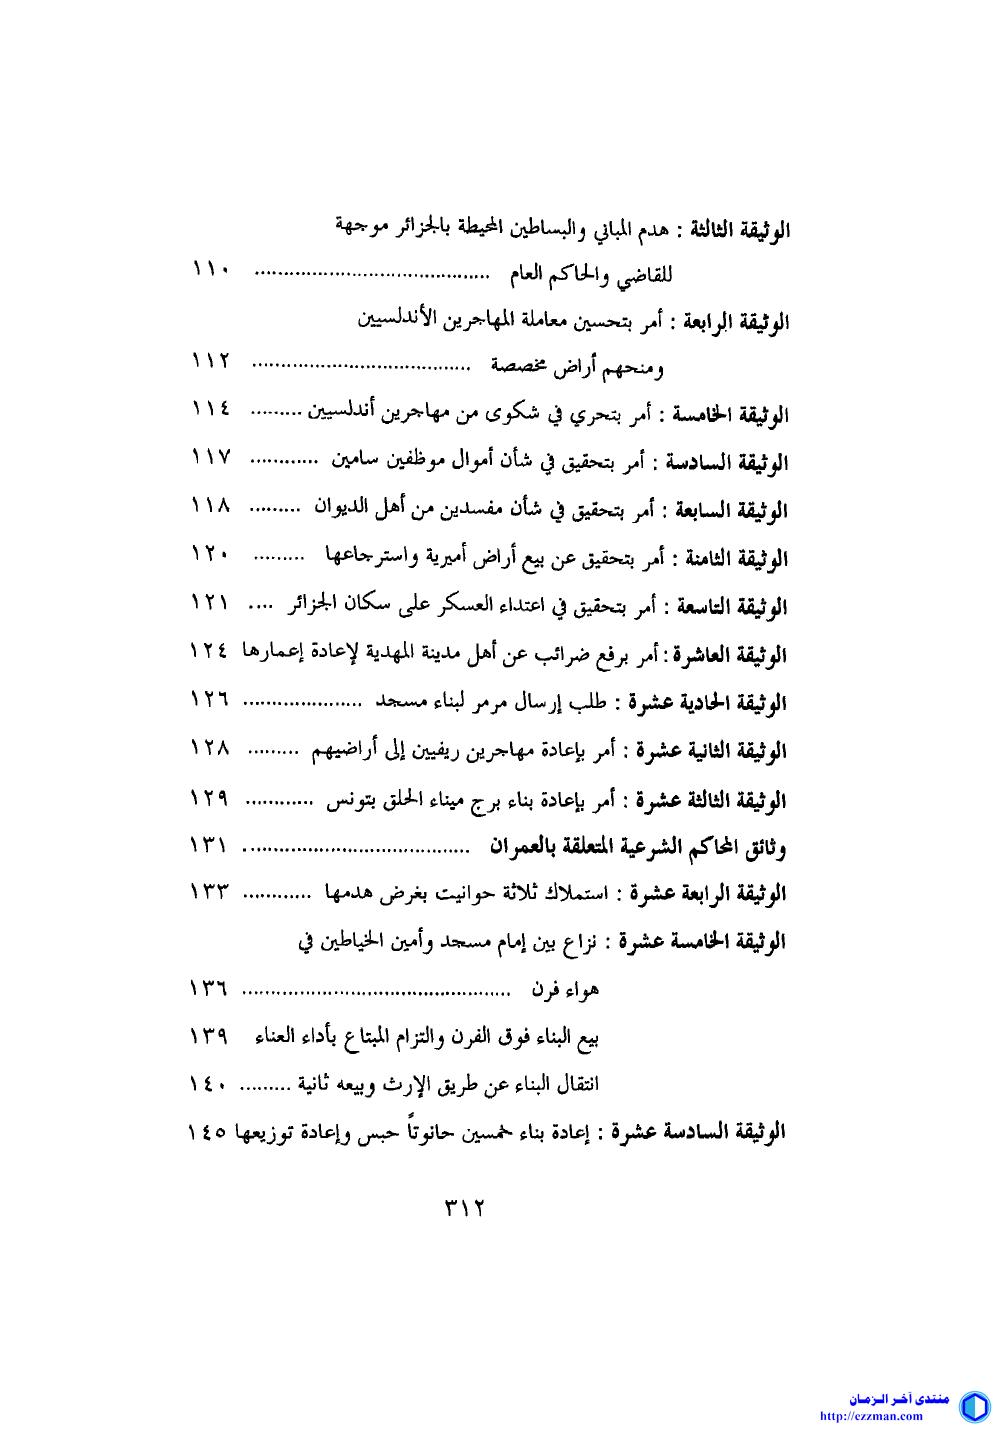 العمران الإسلامي خلال الأرشيف العثماني